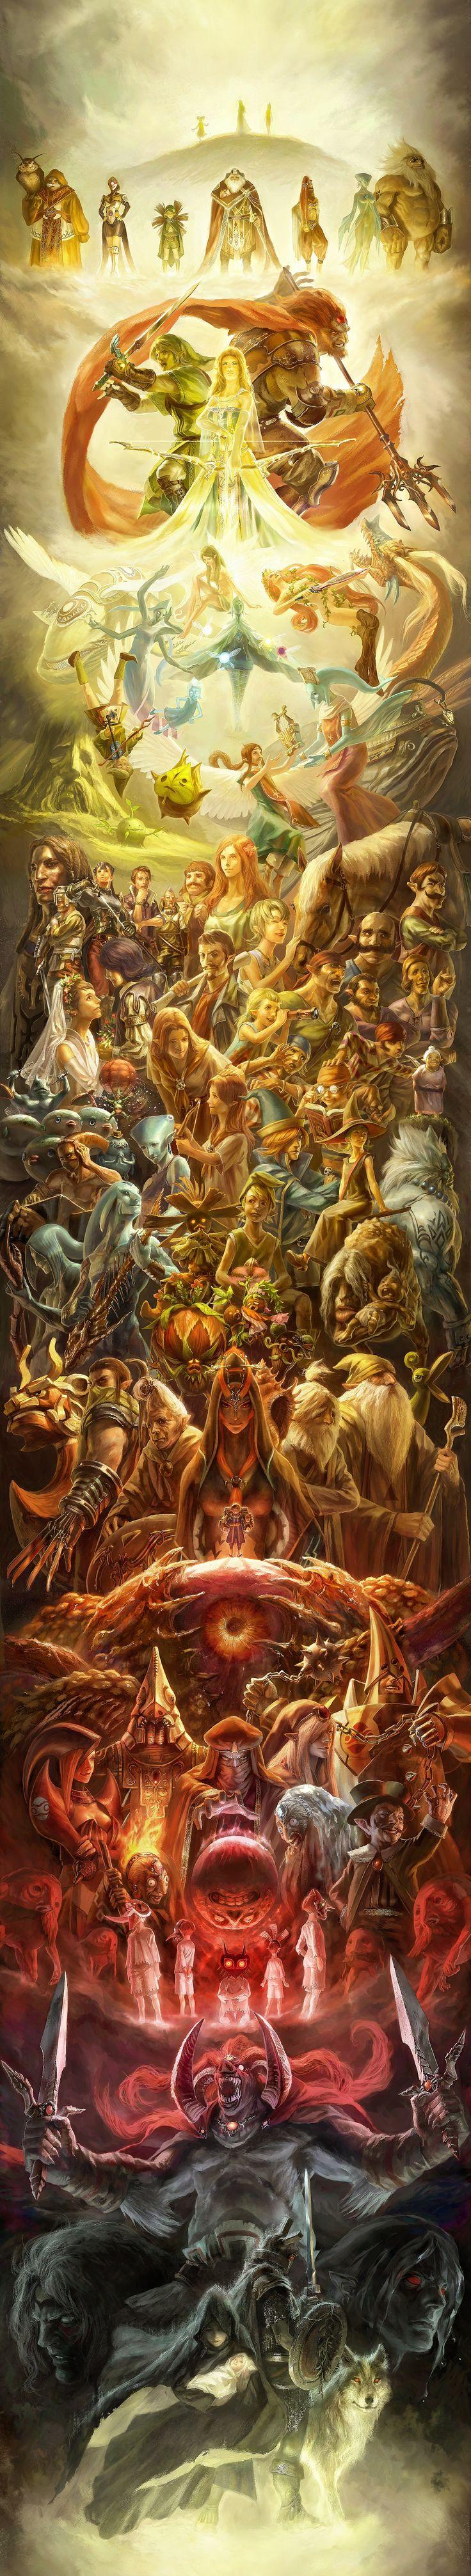 Zelda...epic